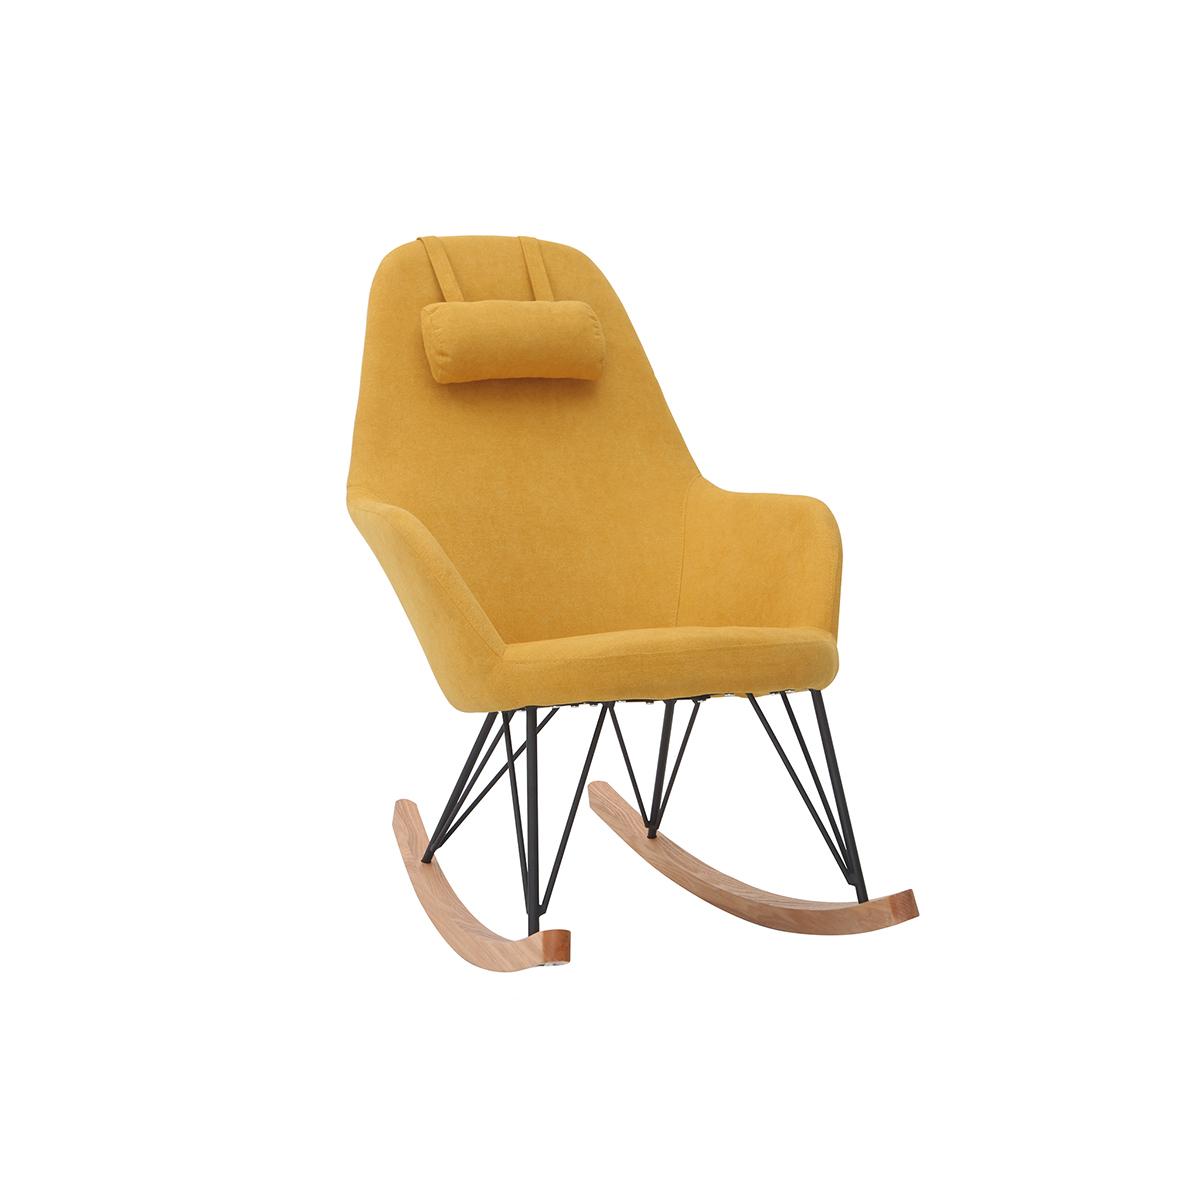 Poltrona - sedia a dondolo in tessuto giallo e piedi in metallo e legno JHENE